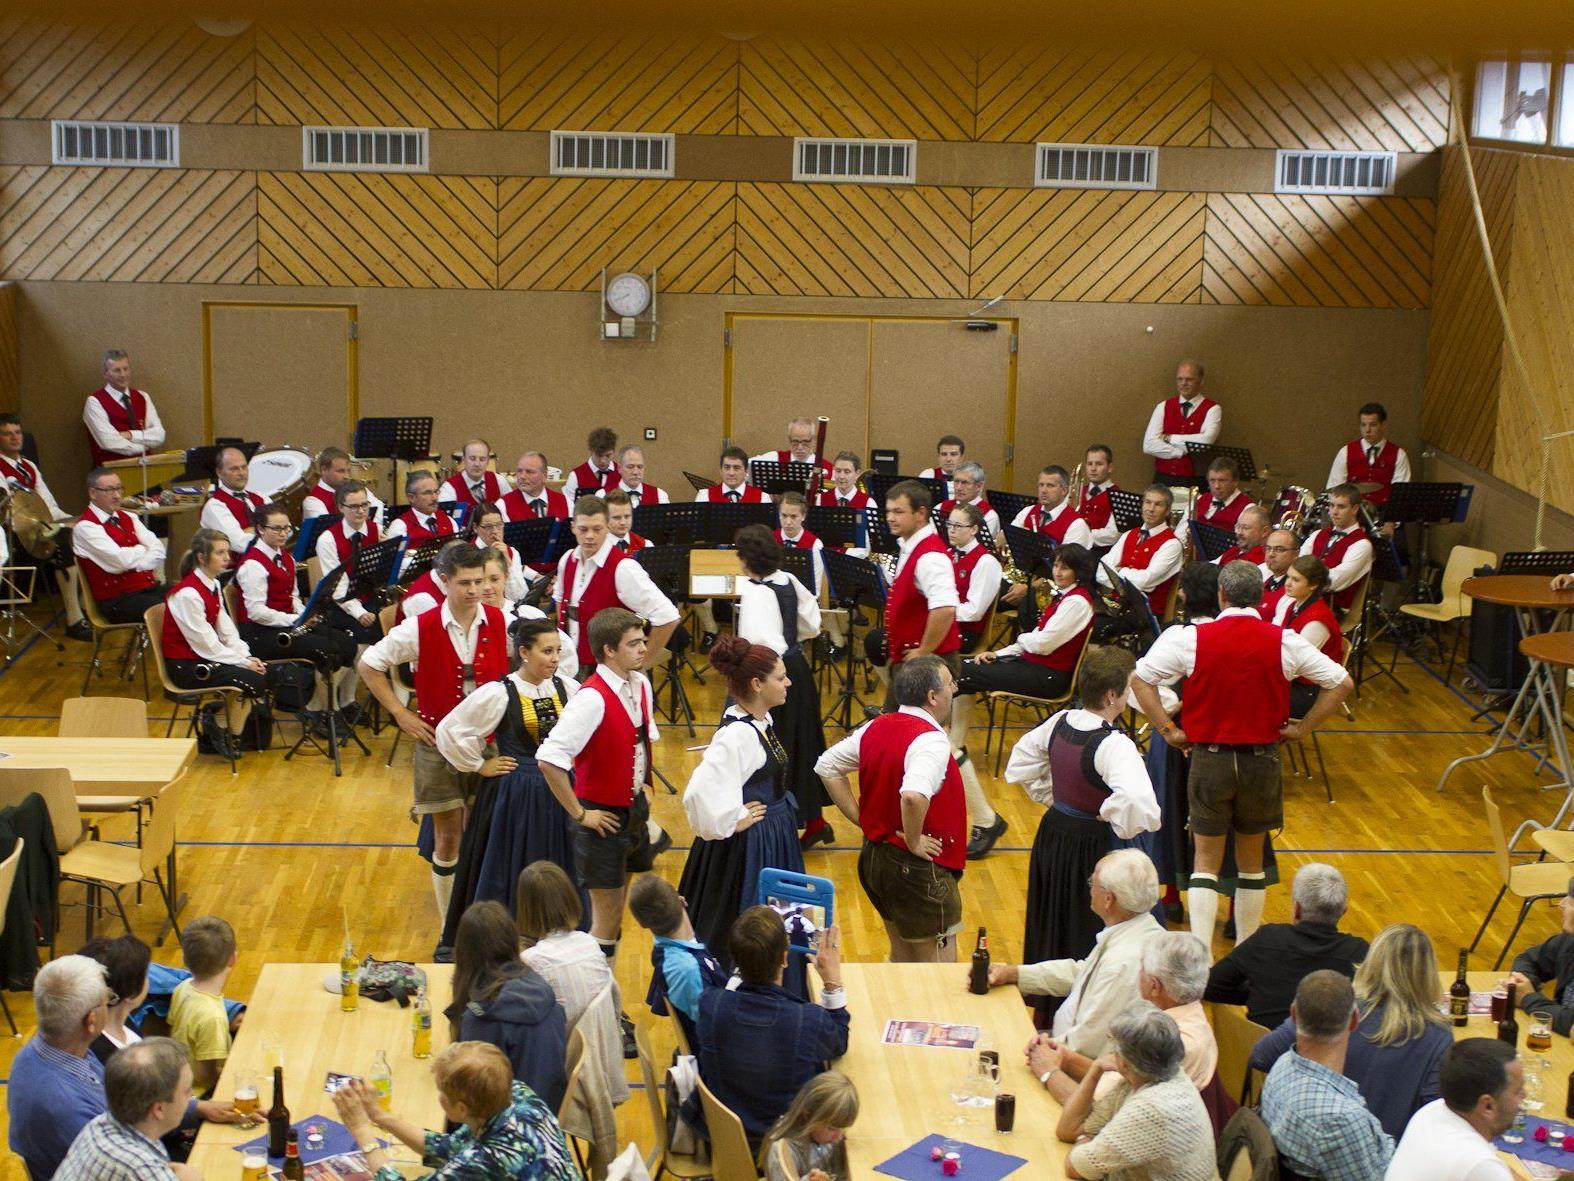 Die Trachtengruppe Silbertal und der Musikverein St. Anton bei ihrem gemeinsamen Abend